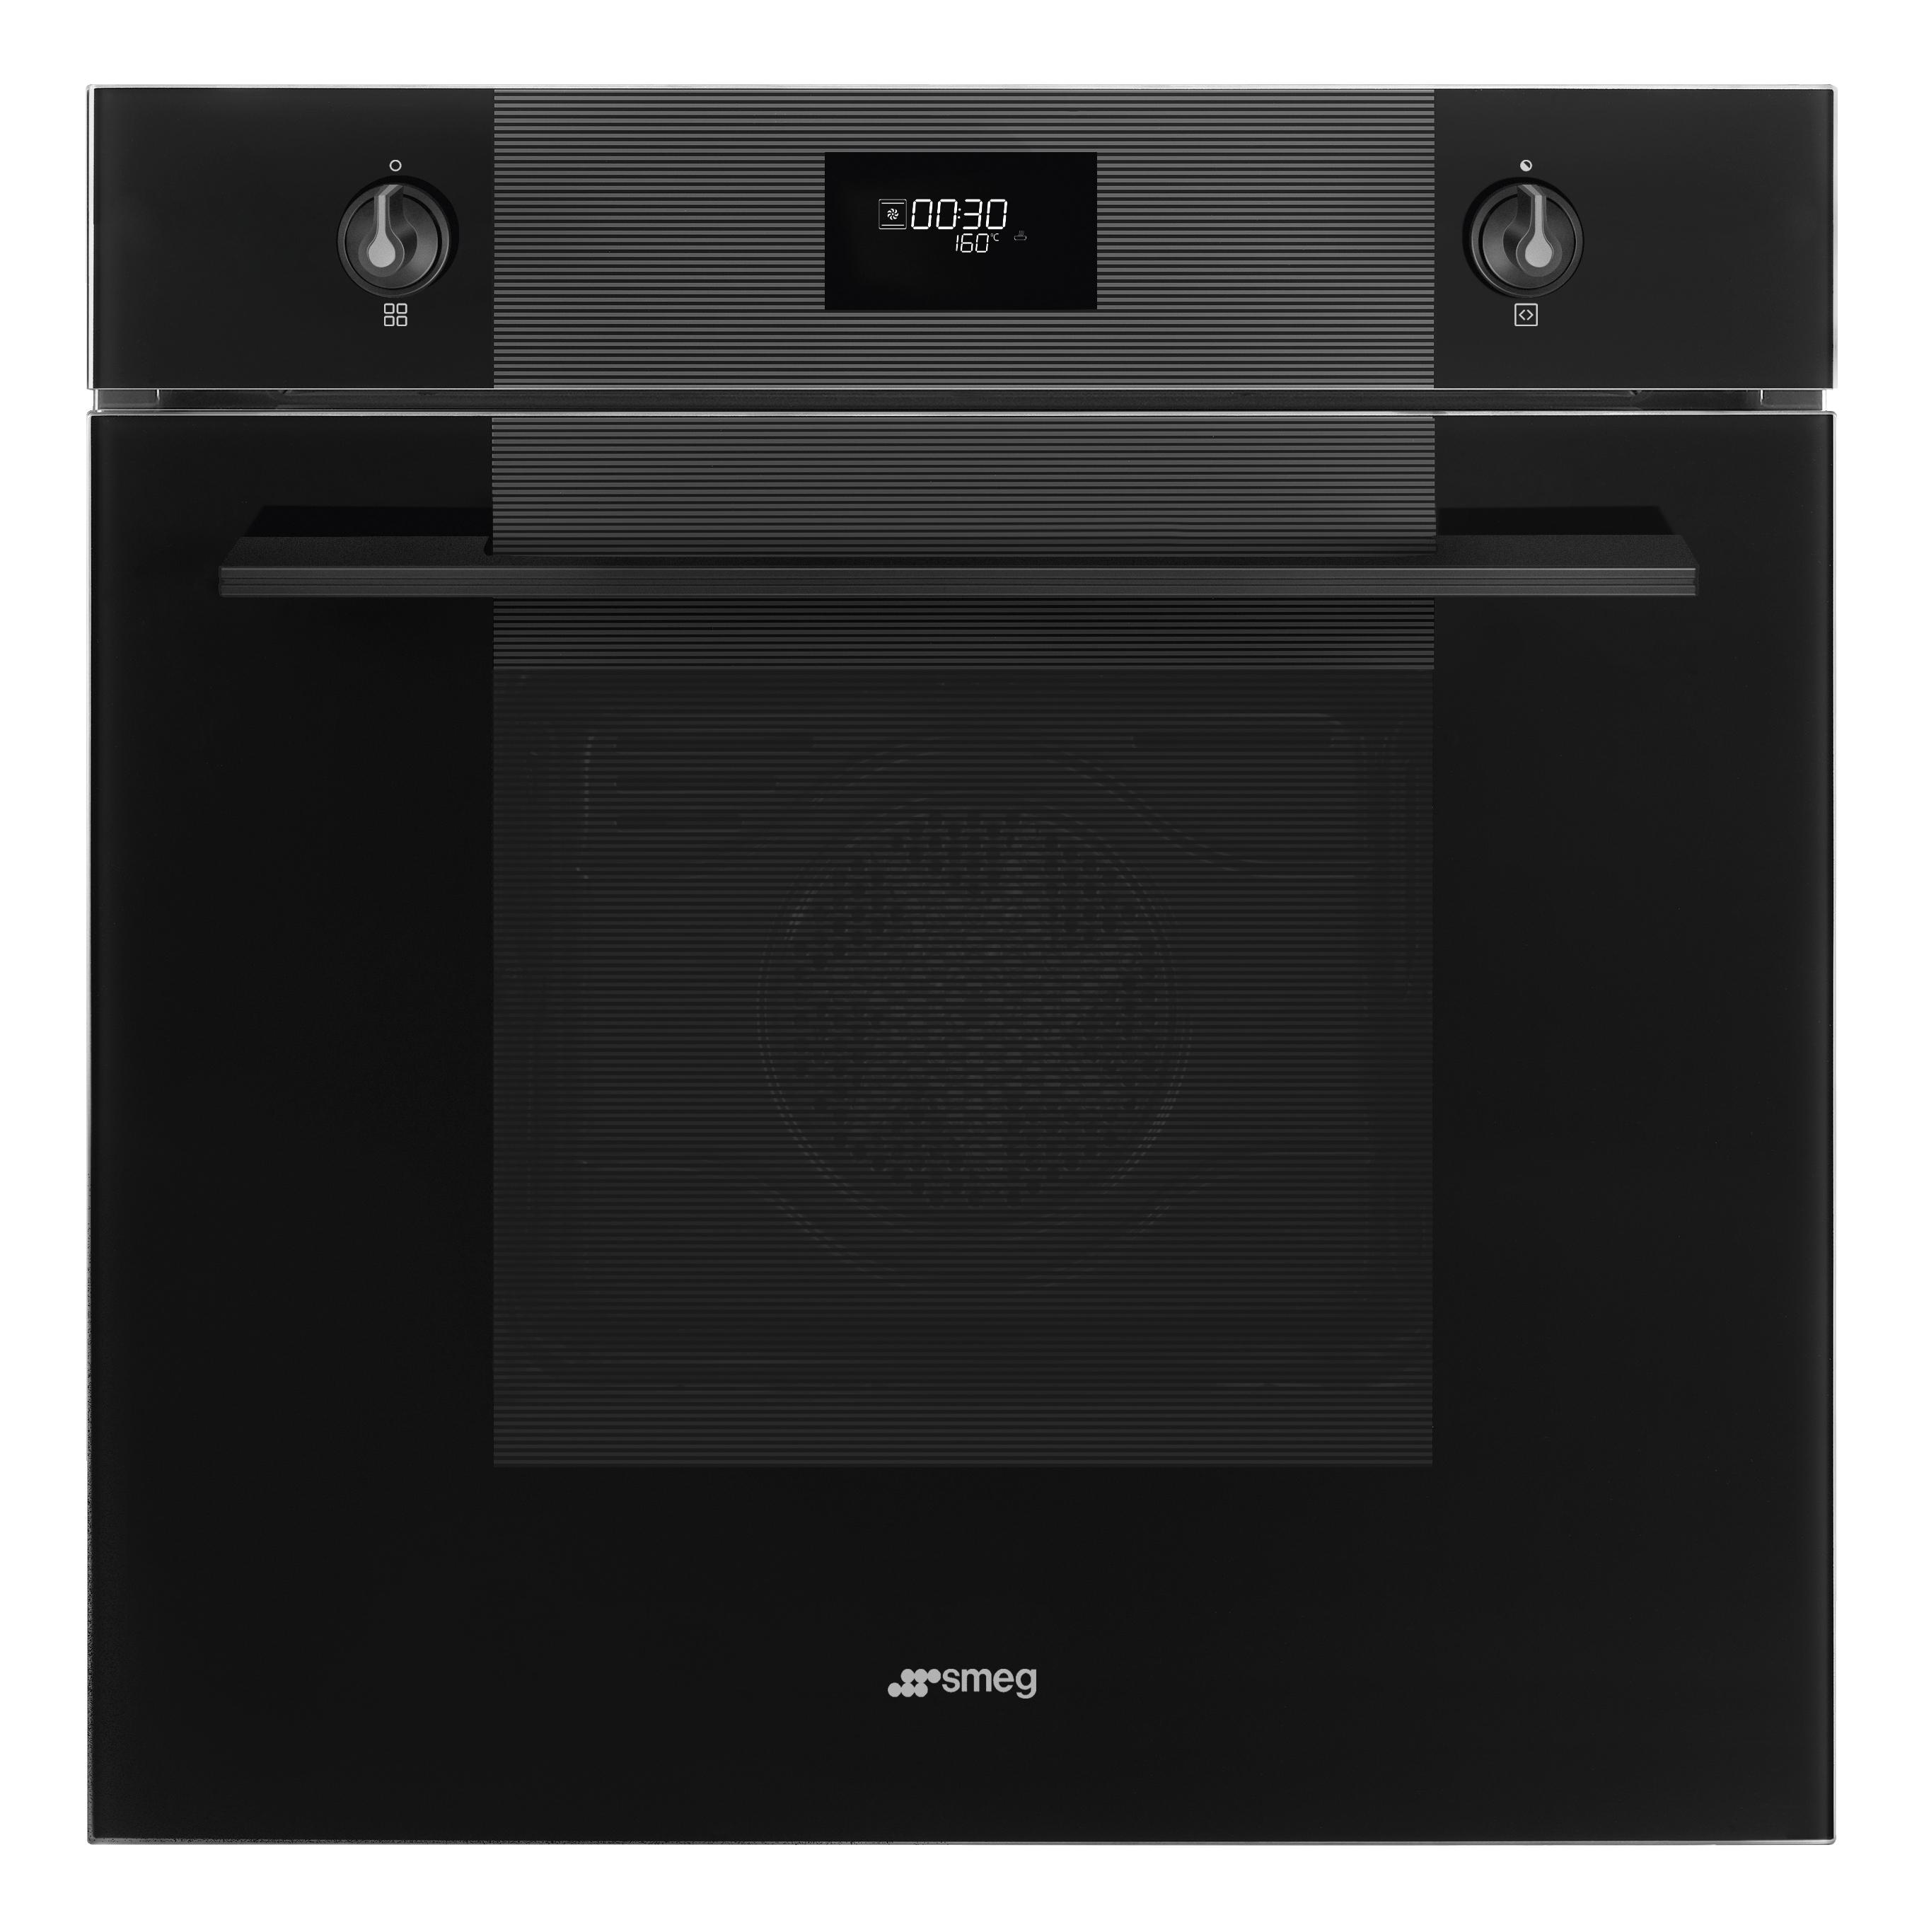 60 cm, Multifunctionele oven, 70 l, Vapor Clean, Groot LCD display, Zwarte handgreep en knopjes